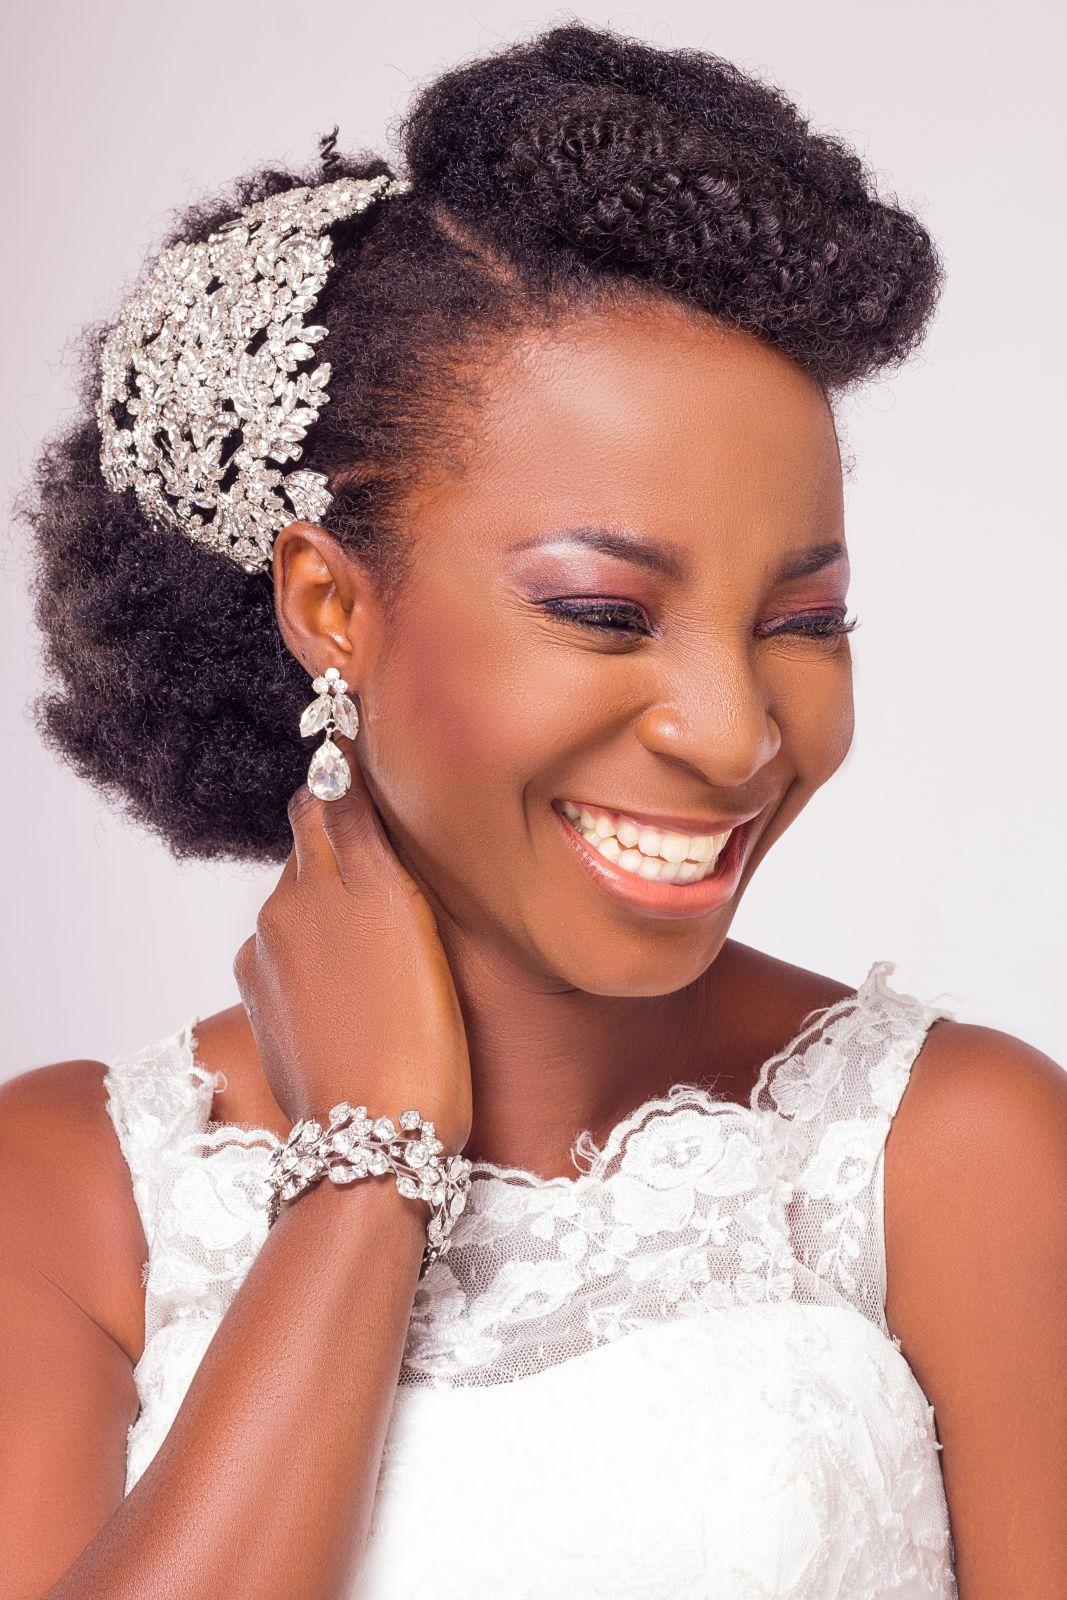 Natural Hair Bridal Inspiration Shoot By Yes I Do Bridal